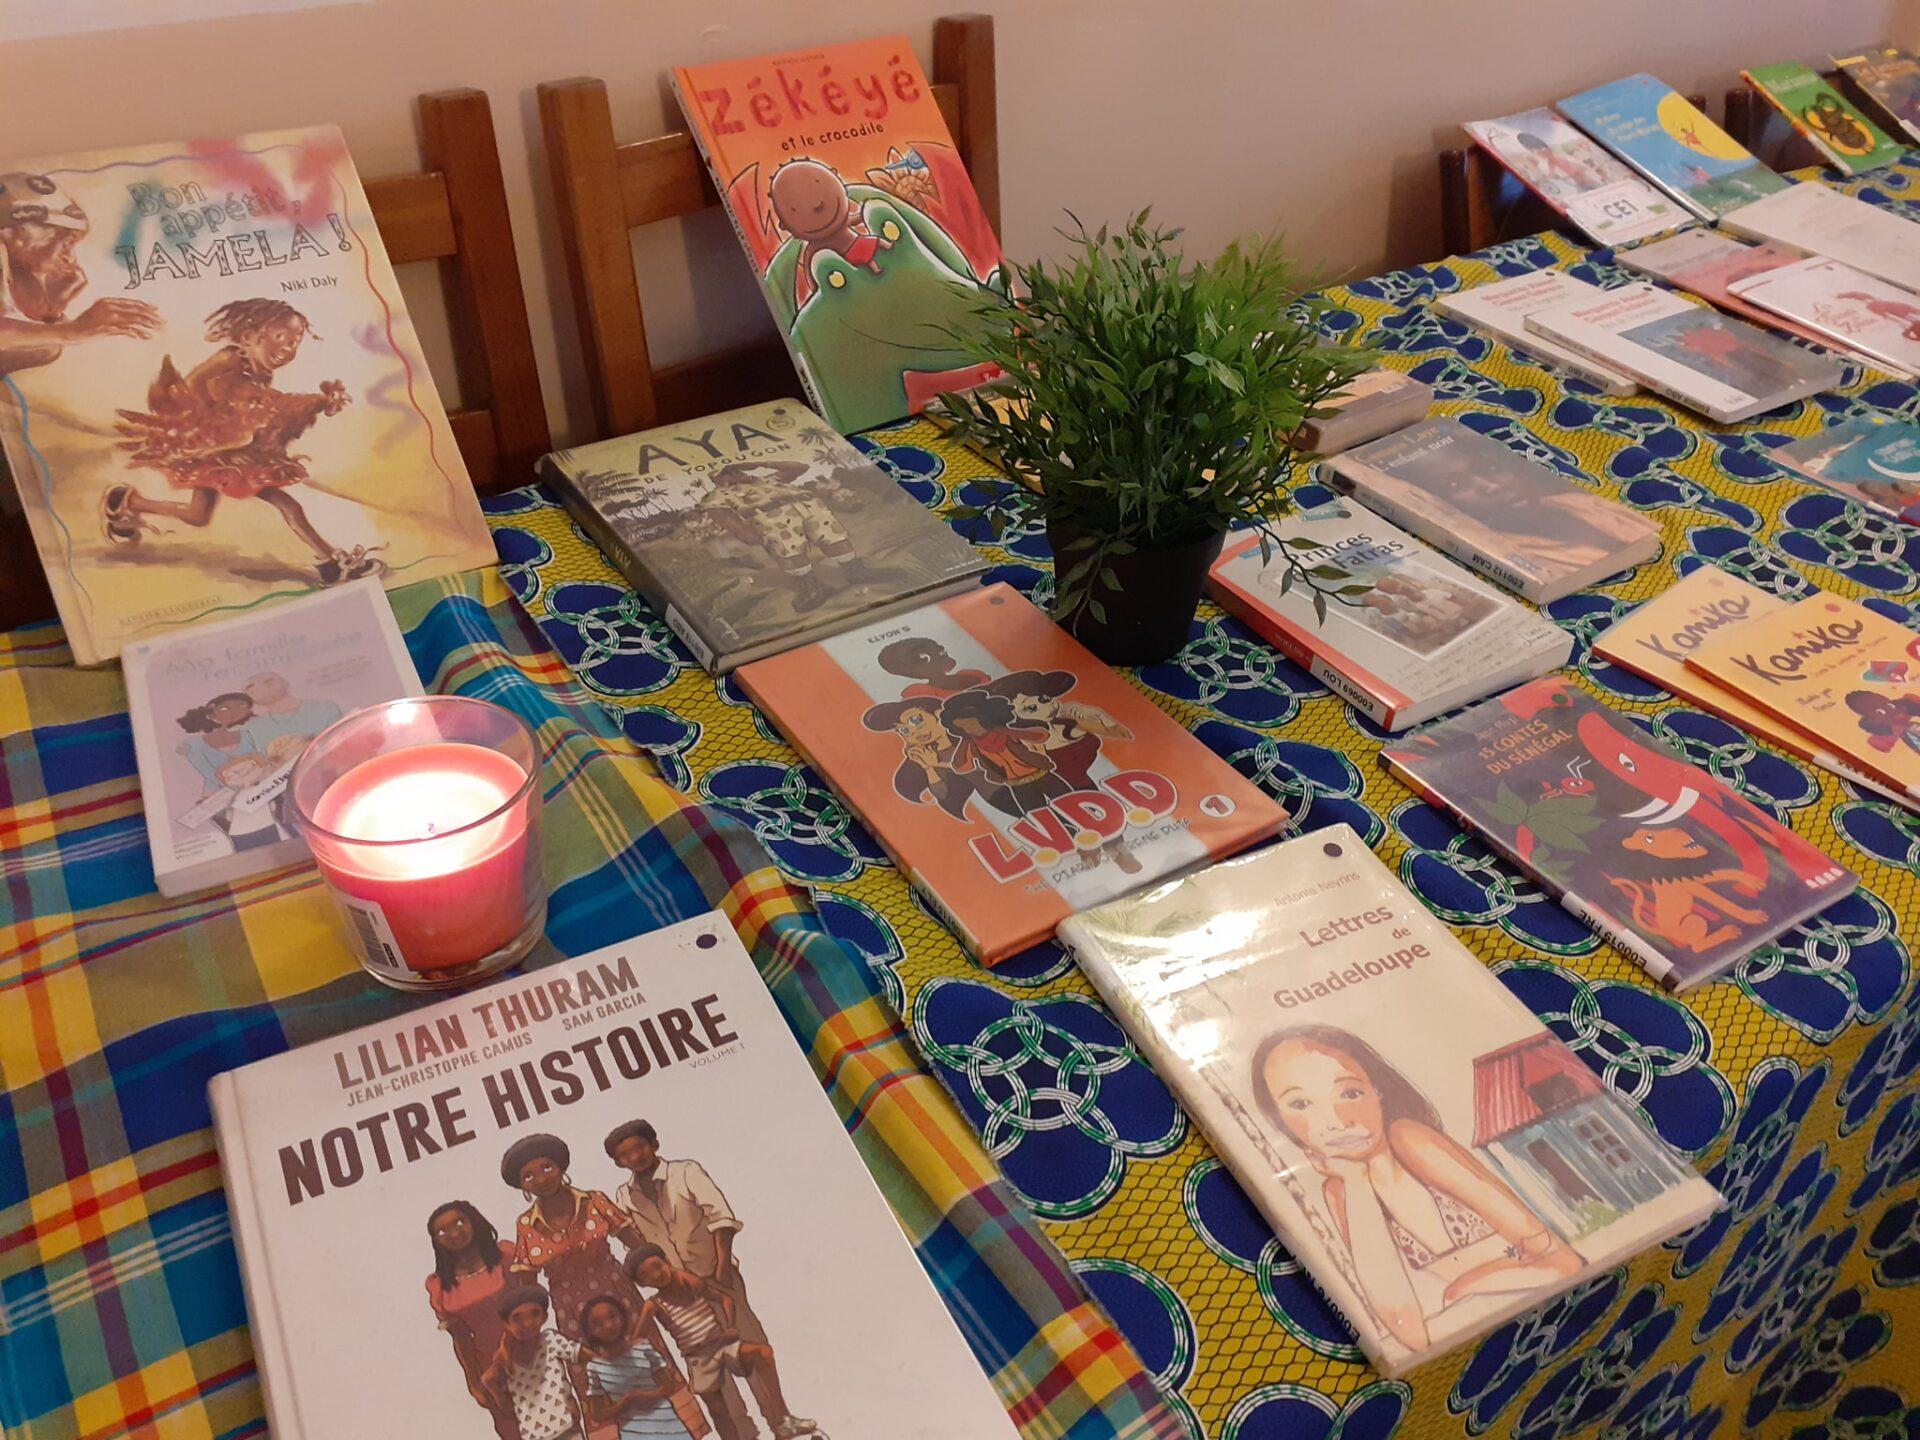 [LITTERATURE] Mwana Afrobook la bibliothèque des enfants